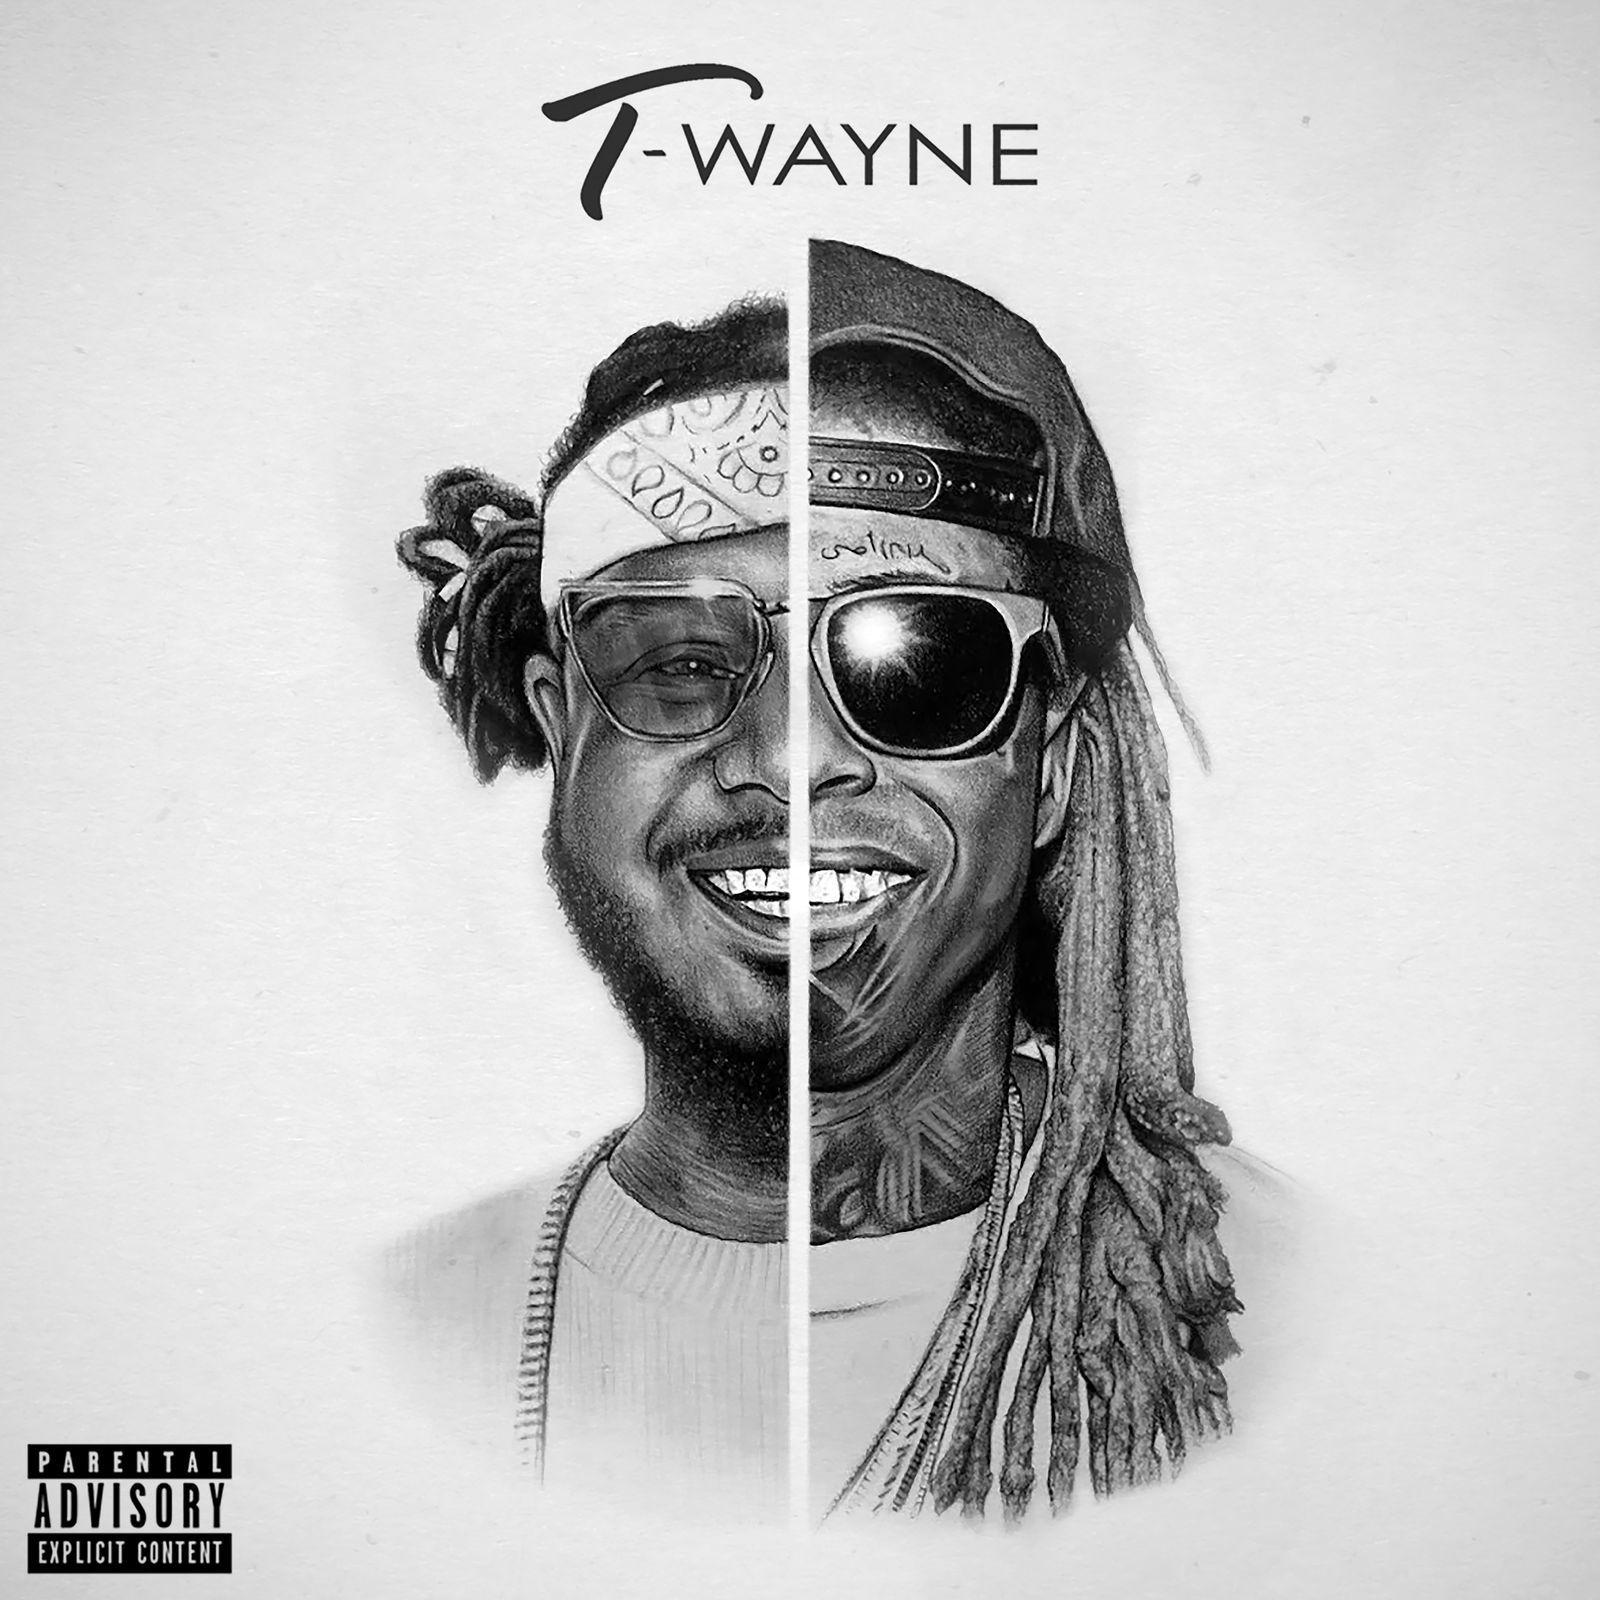 T Pain Lil Wayne Breathe Uploaded By T Pain Listen